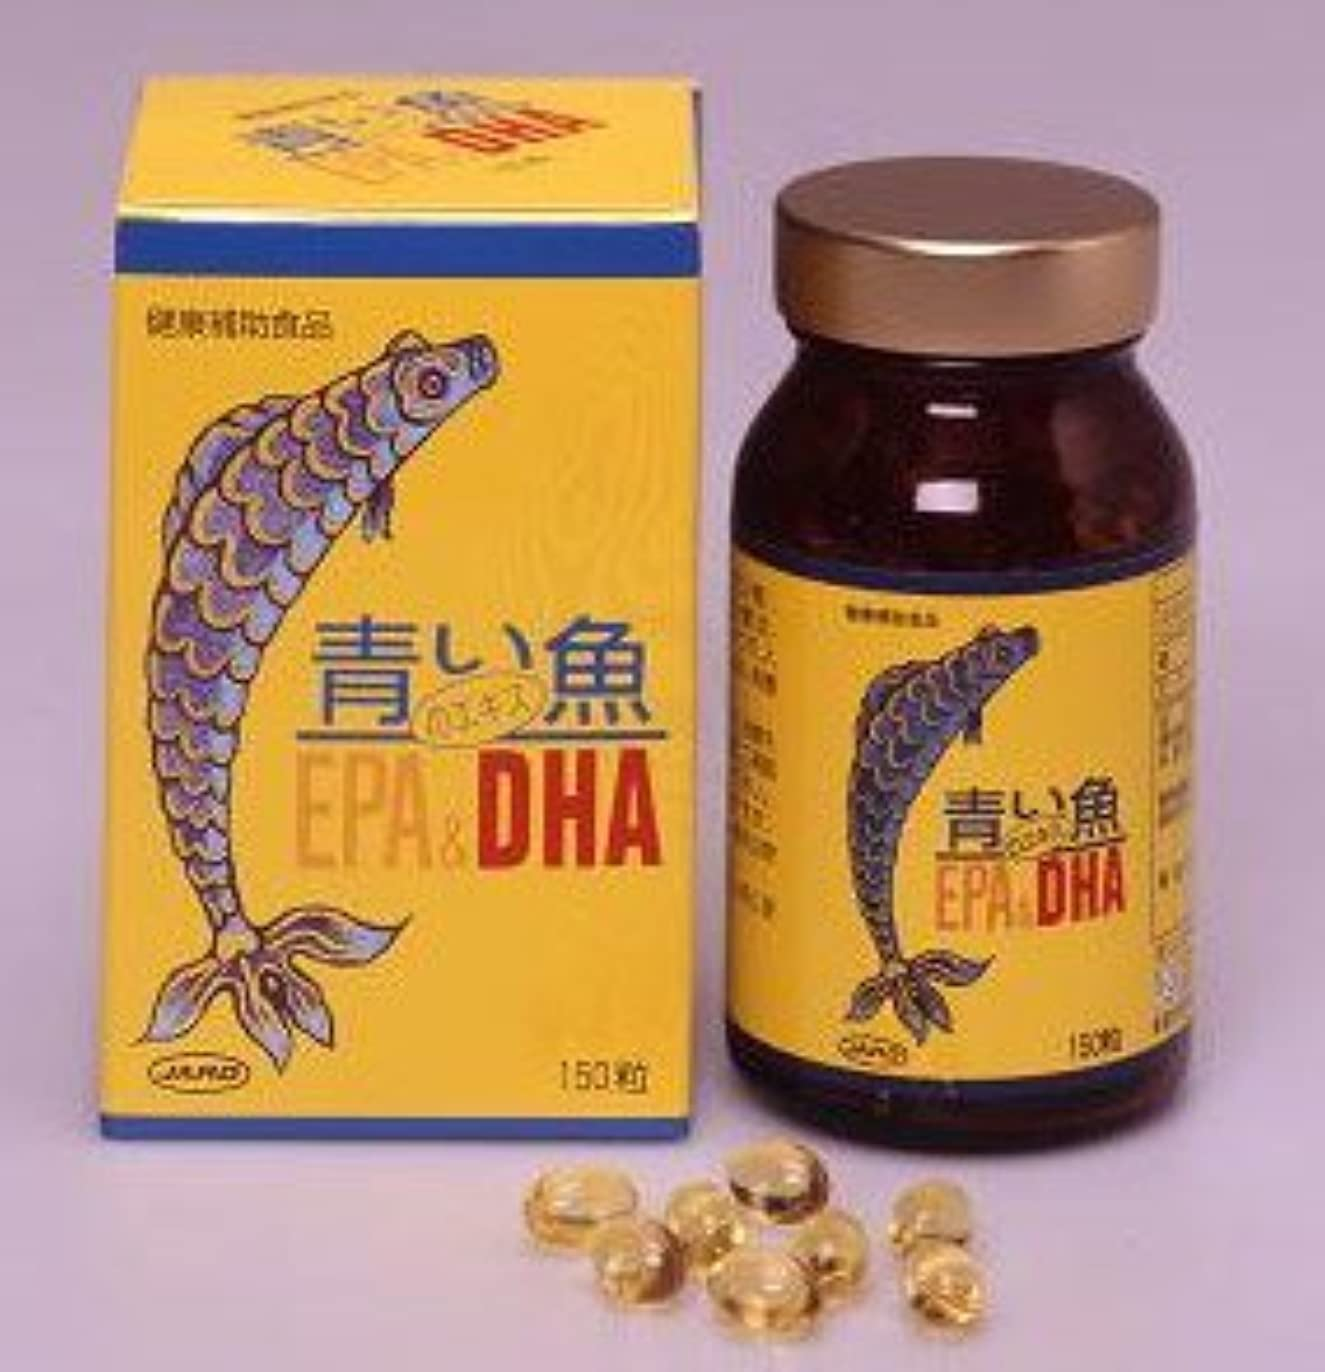 極貧噴水マウント青い魚のエキスEPA&DHA(単品)ジャード